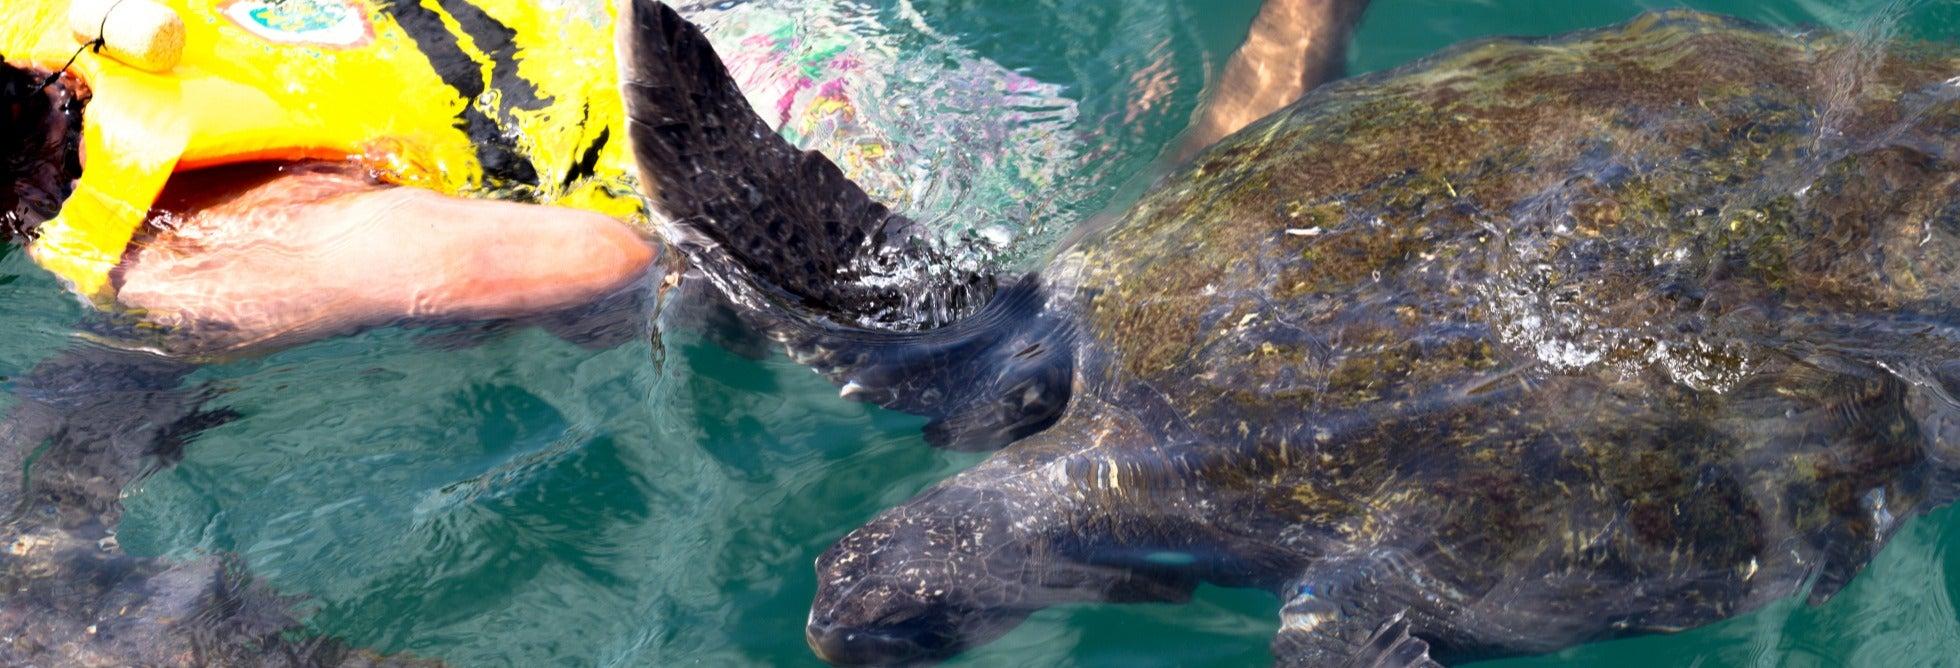 Nado con tortugas en El Ñuro + Playa de Máncora